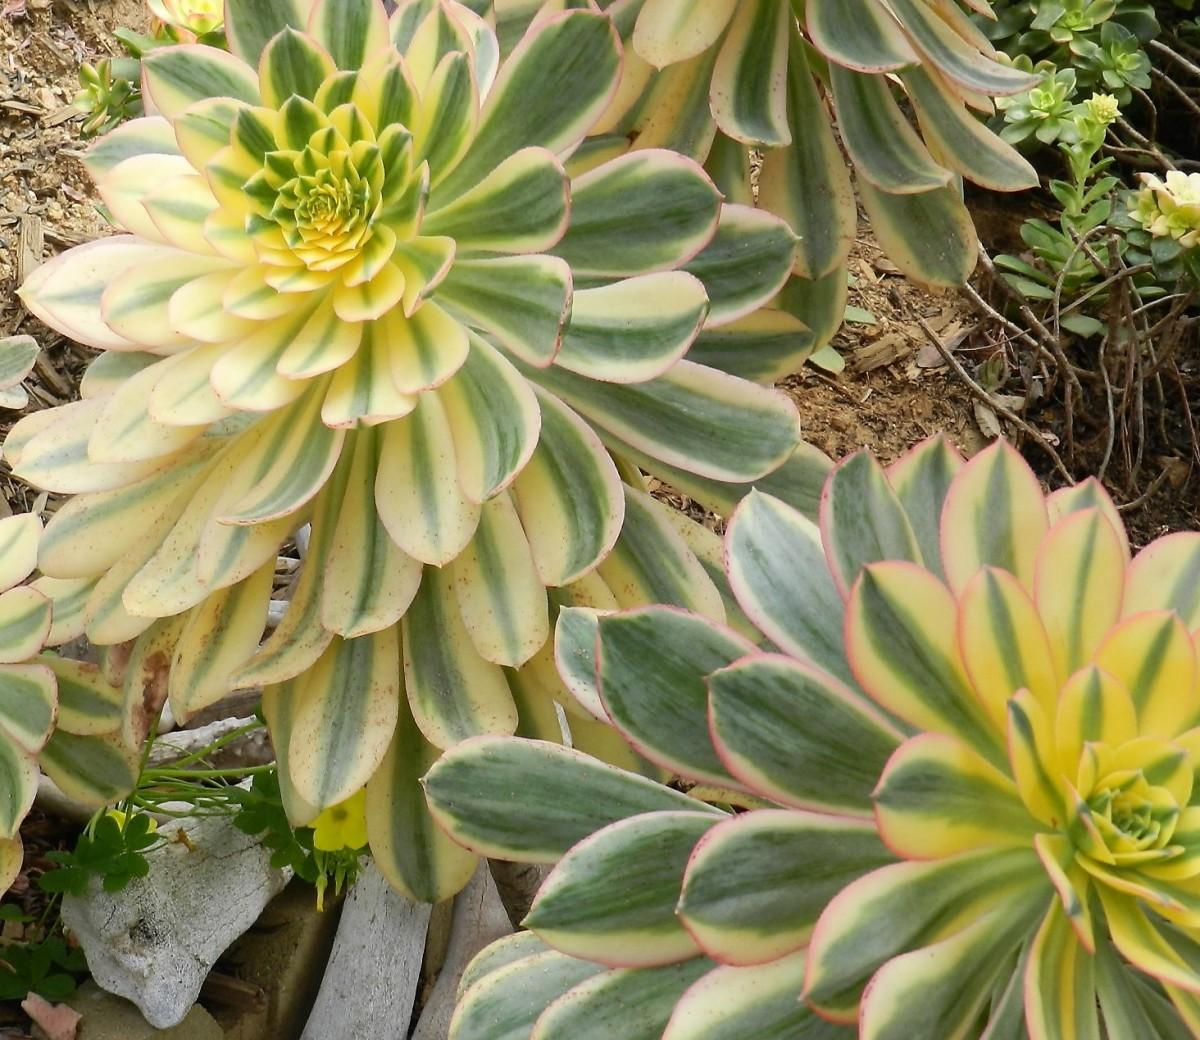 Grow Aeonium Arboreum Sunburst in Your Succulent Garden